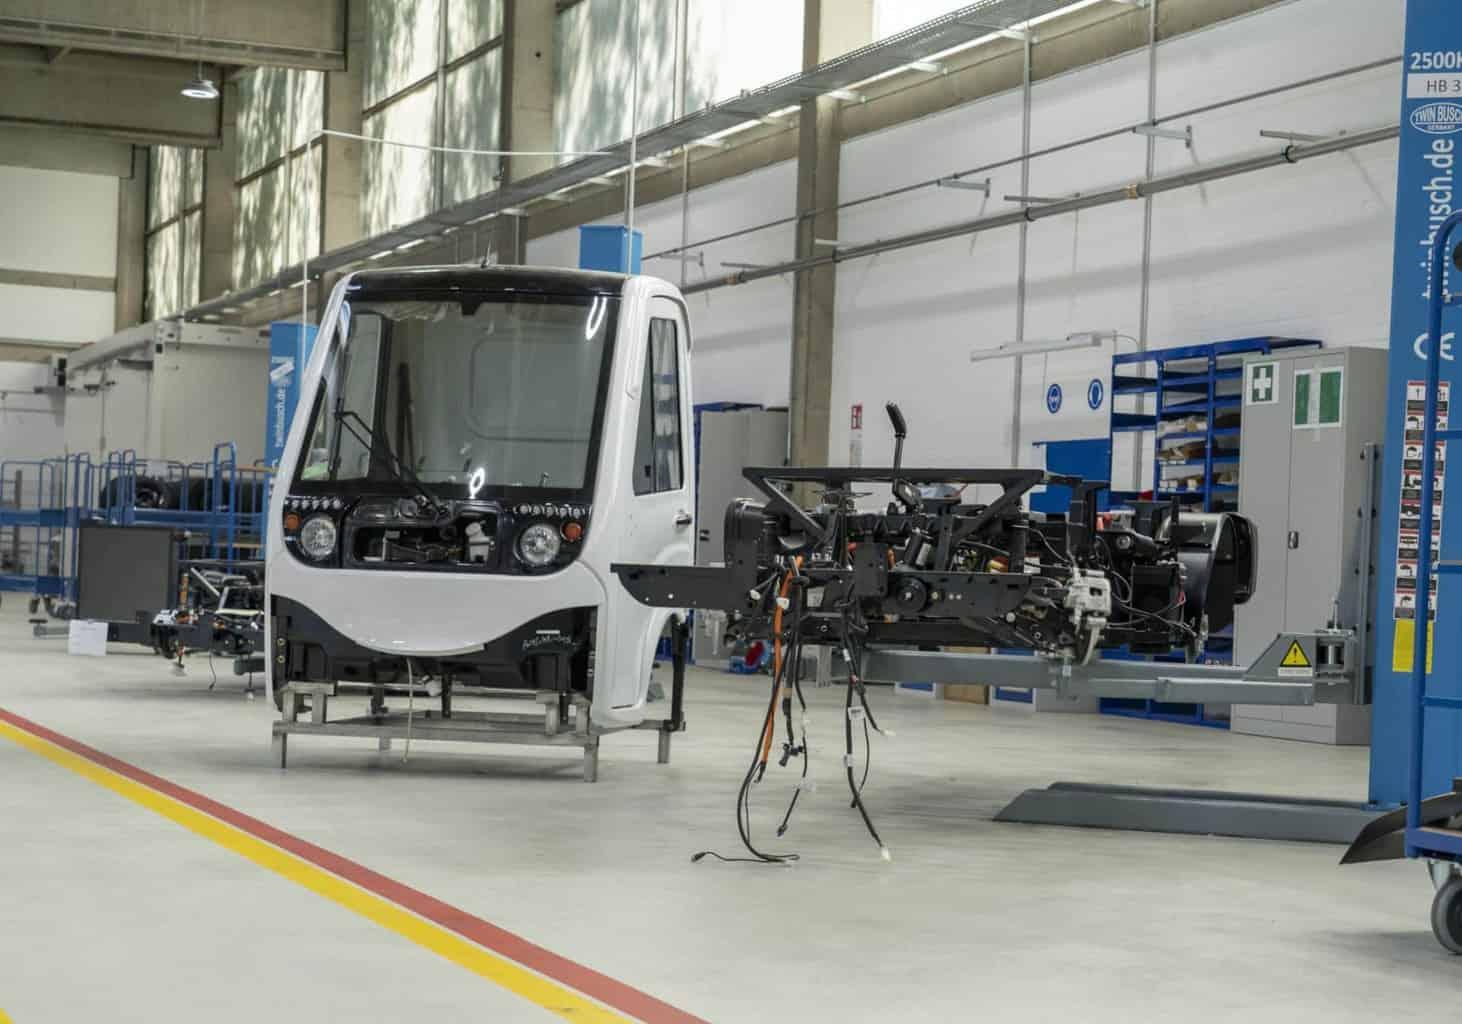 Tropos Motors: E-Auto aus dem Bausatz für die Hochschule Bochum